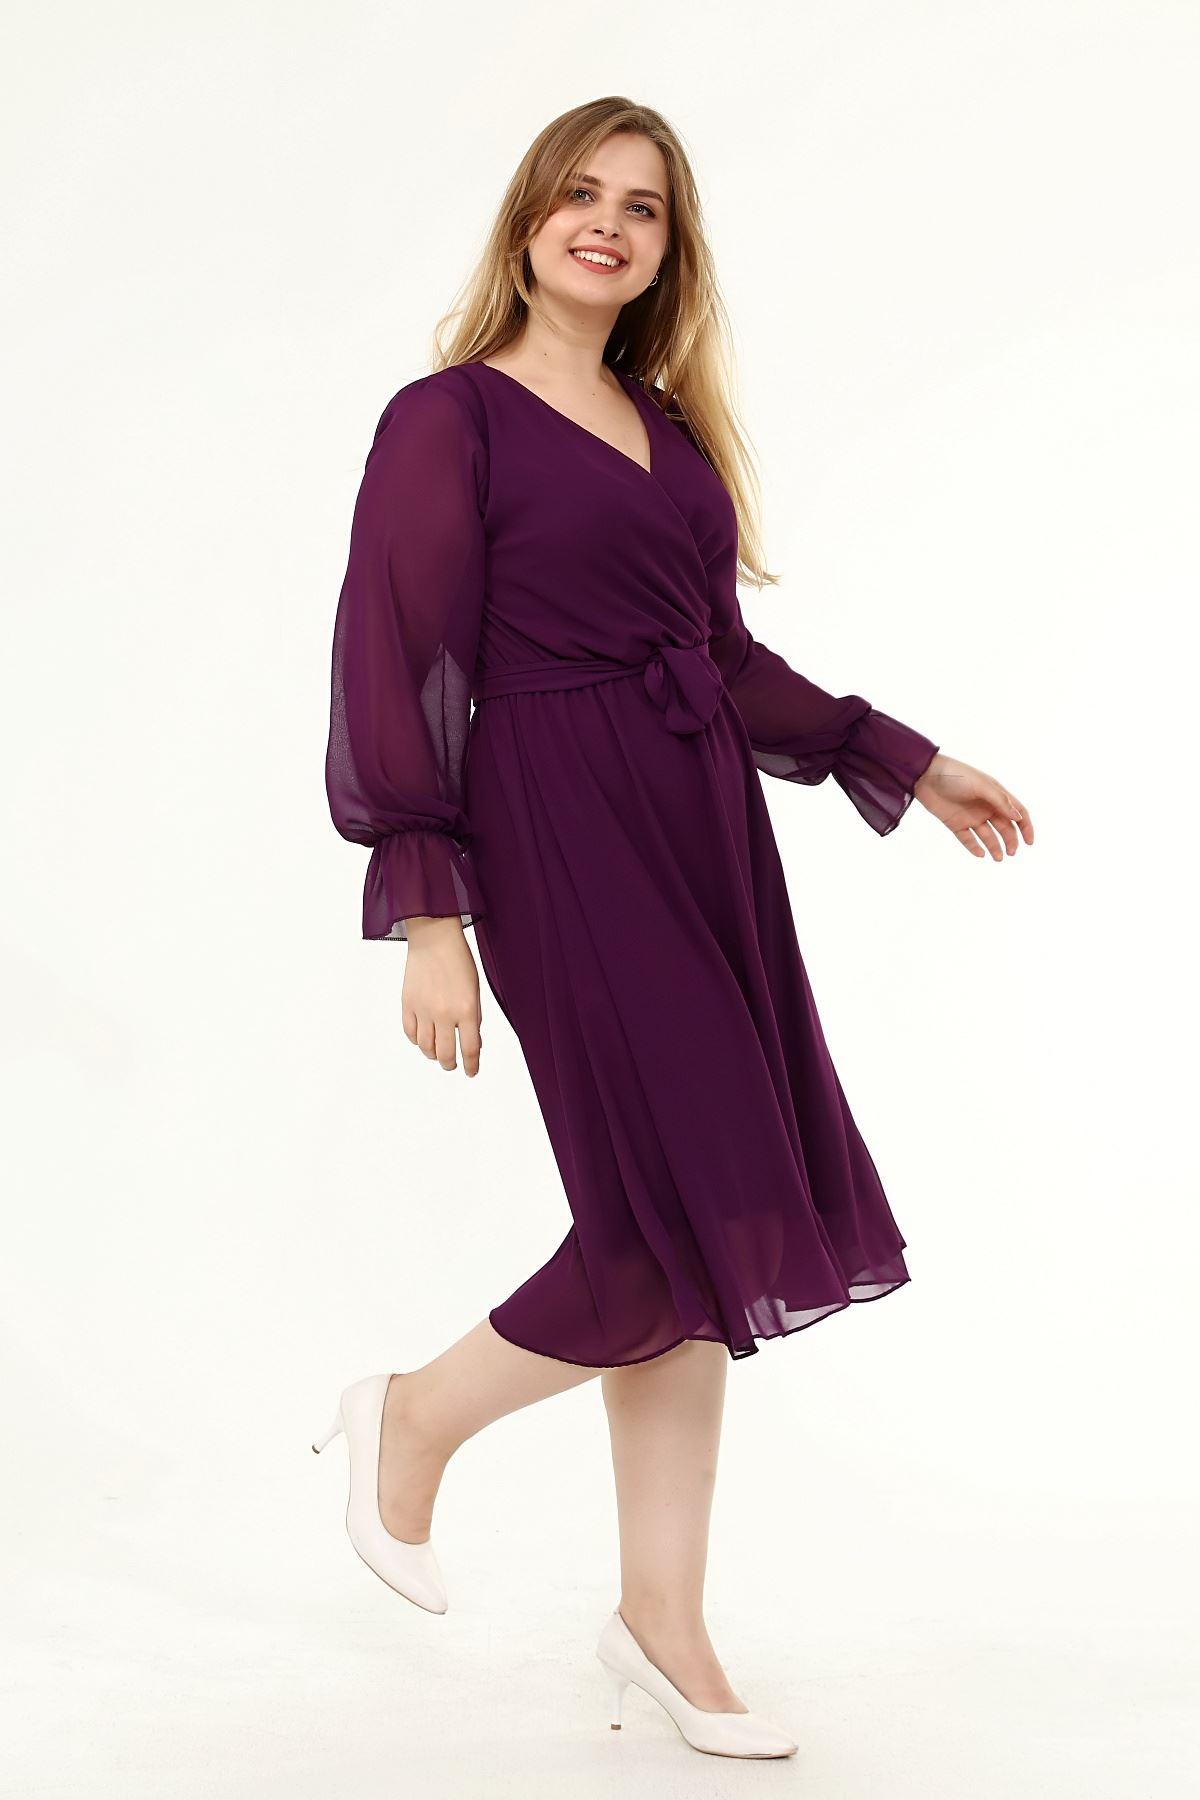 Uzun Kol Büyük Beden Şifon Elbise 10A-1820